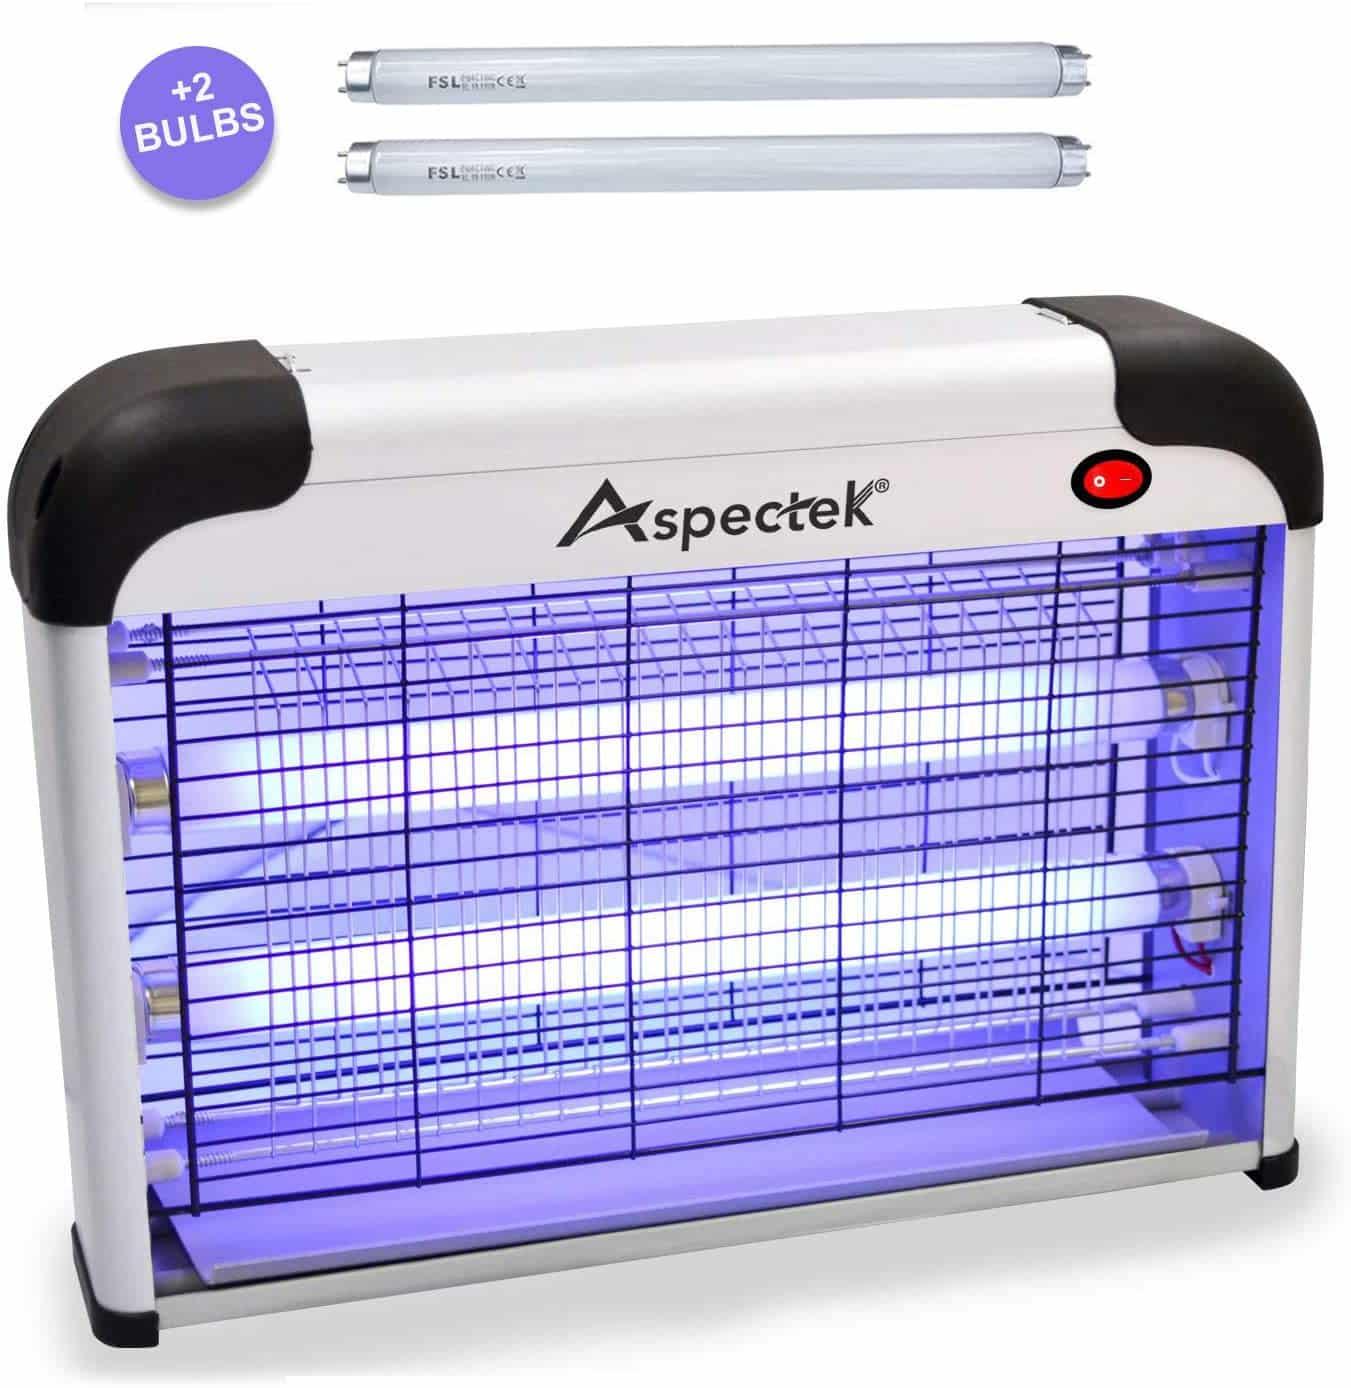 Aspectek Mosquito killing Machine